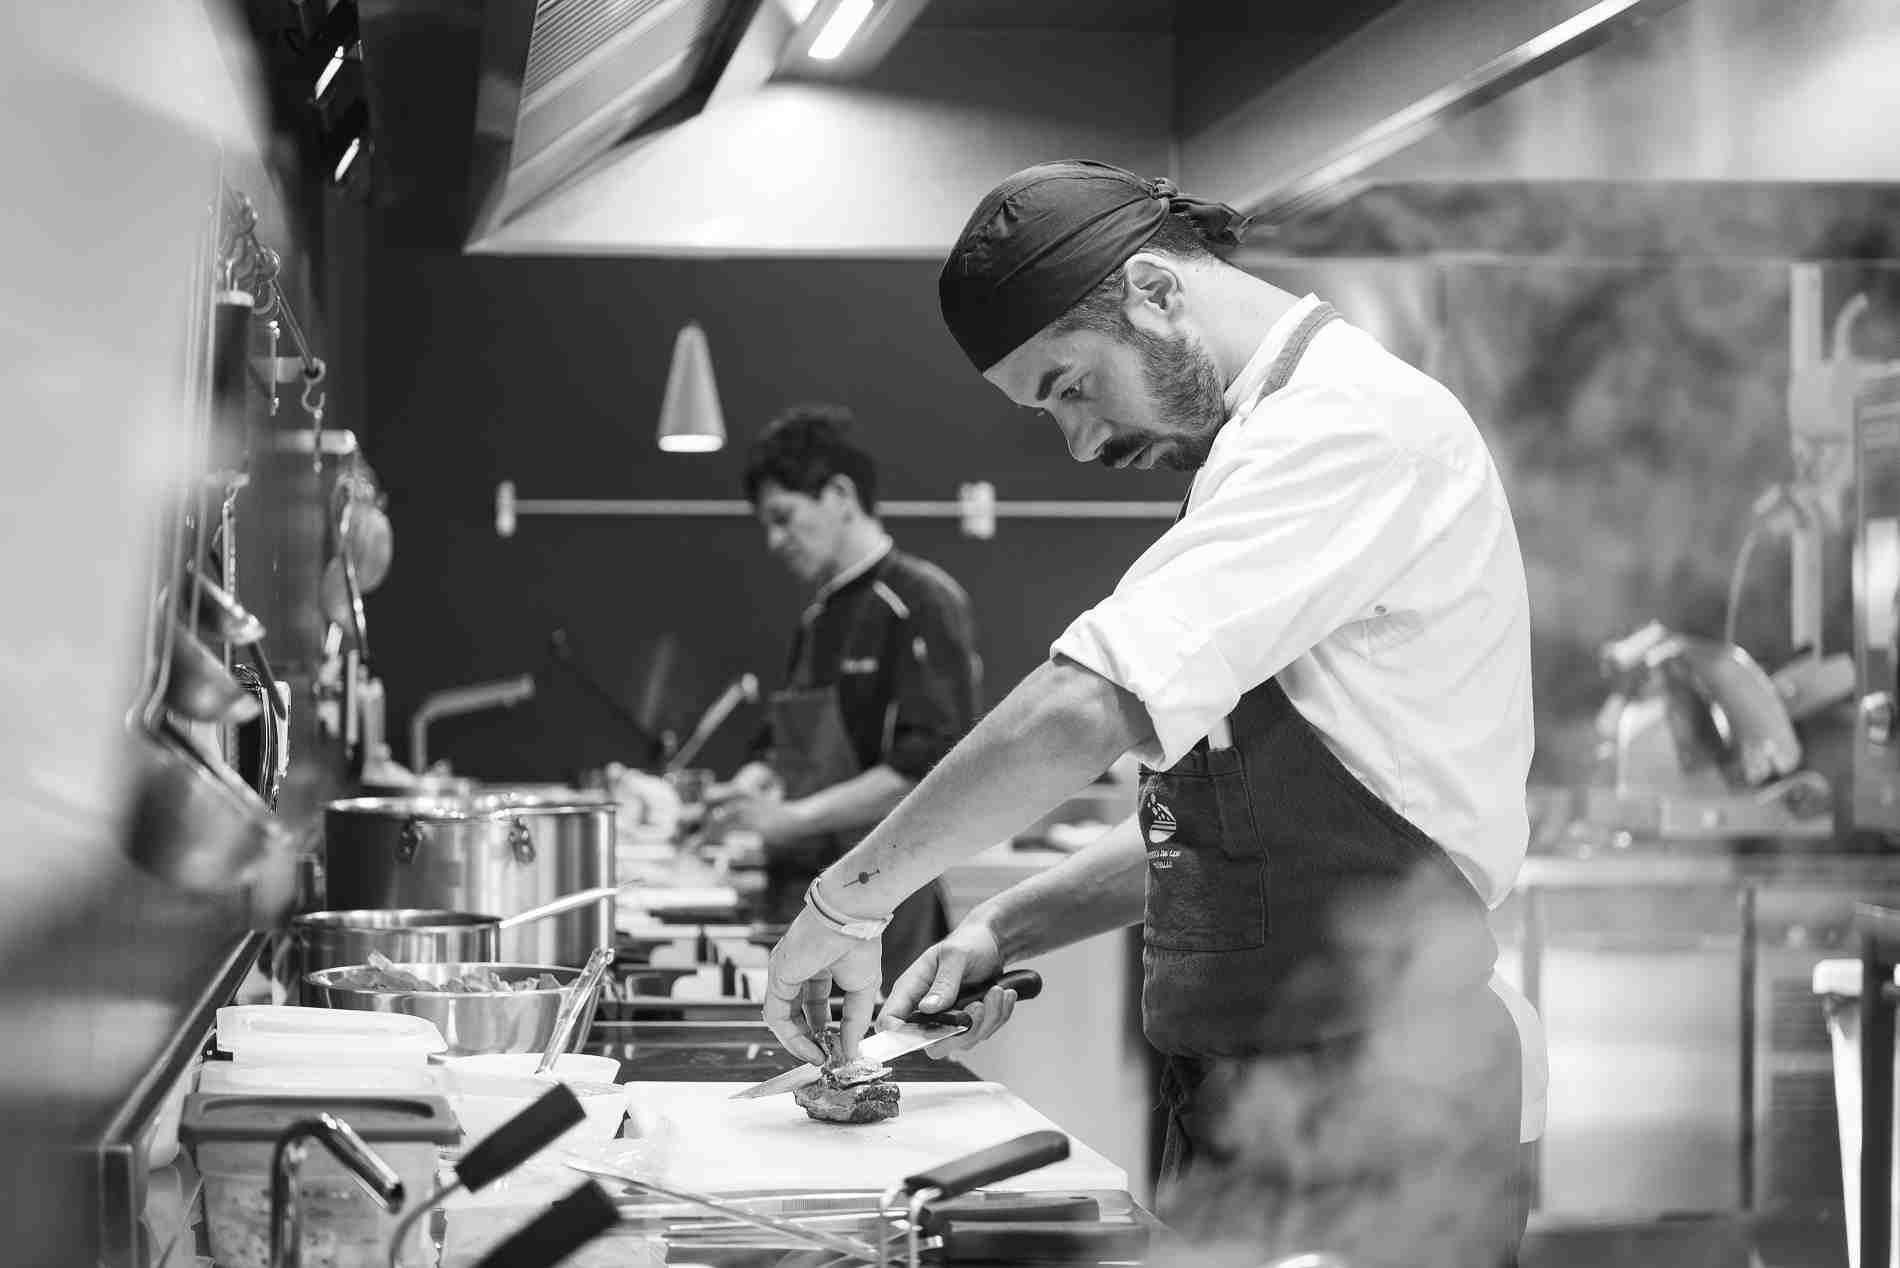 scuola-di-cucina-firenze-chef-architettura-del-cibo